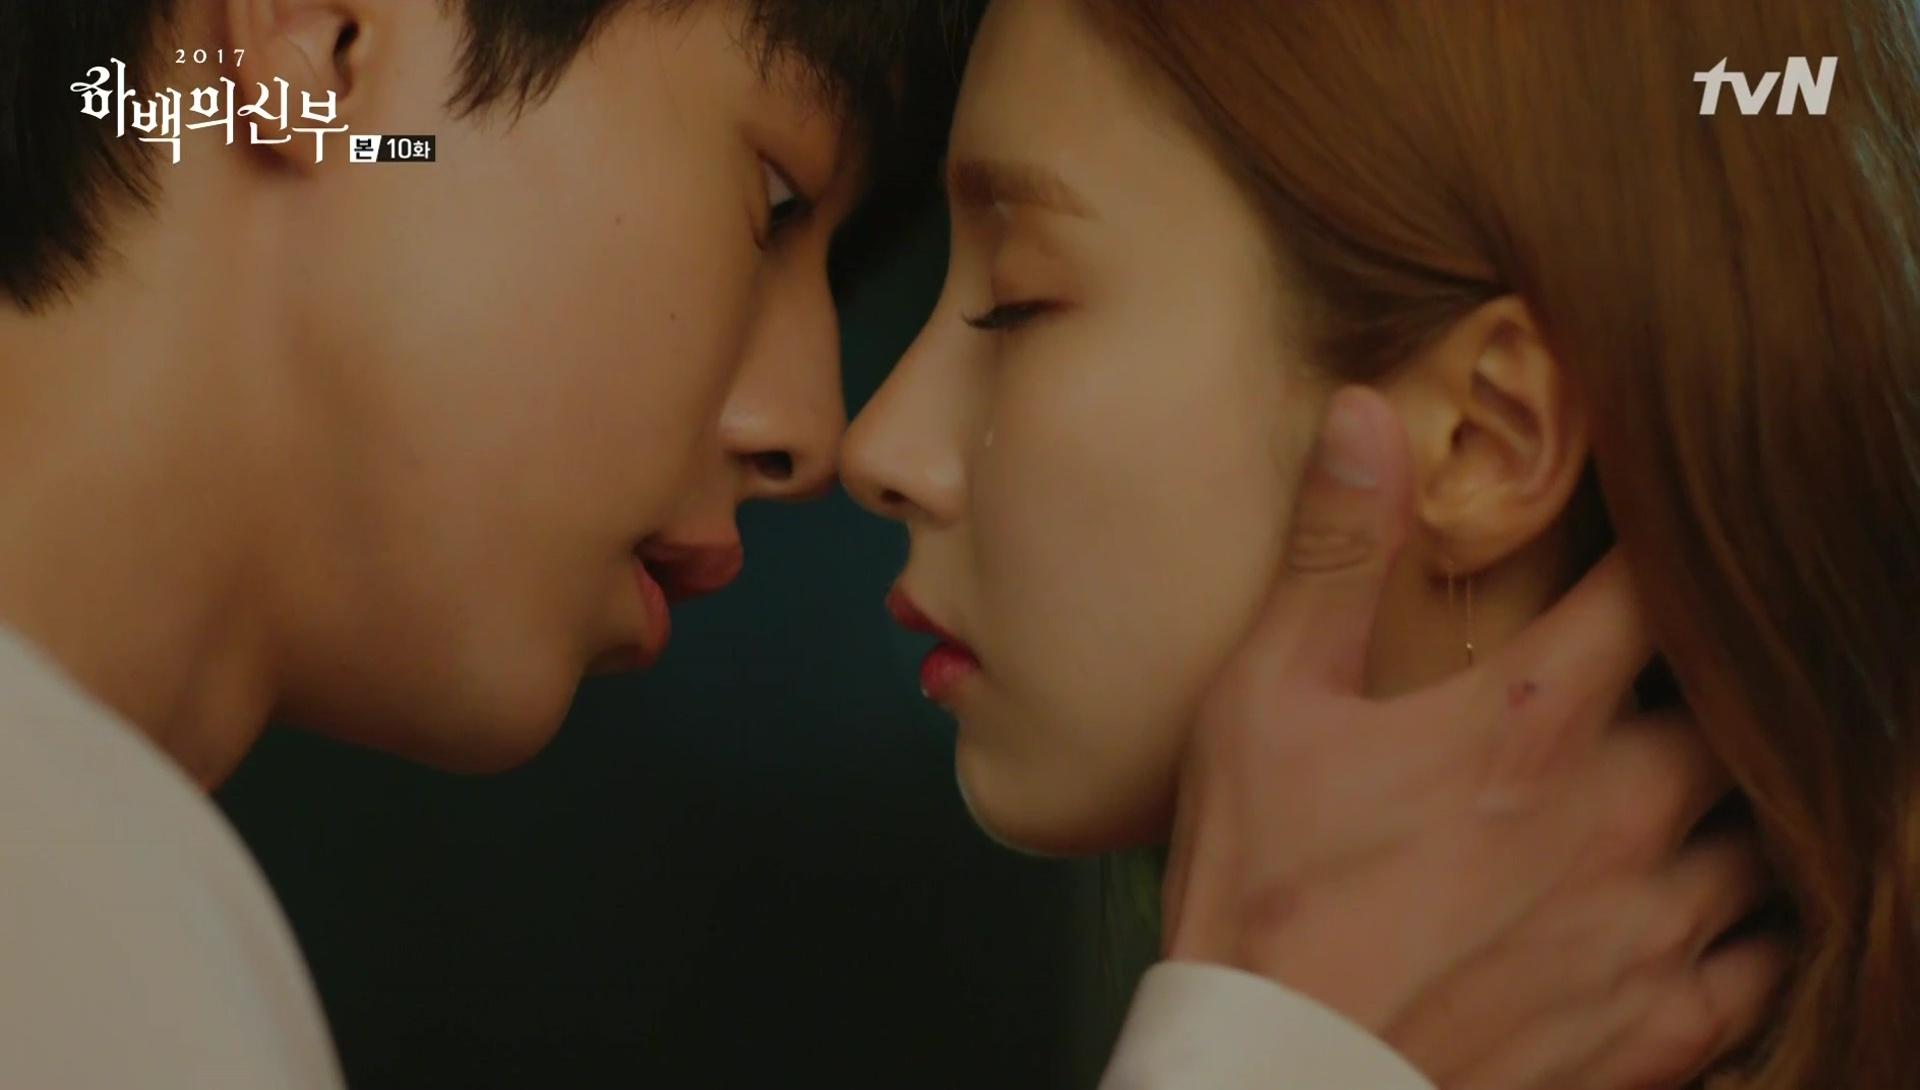 Korean Drama Kisses of 2017